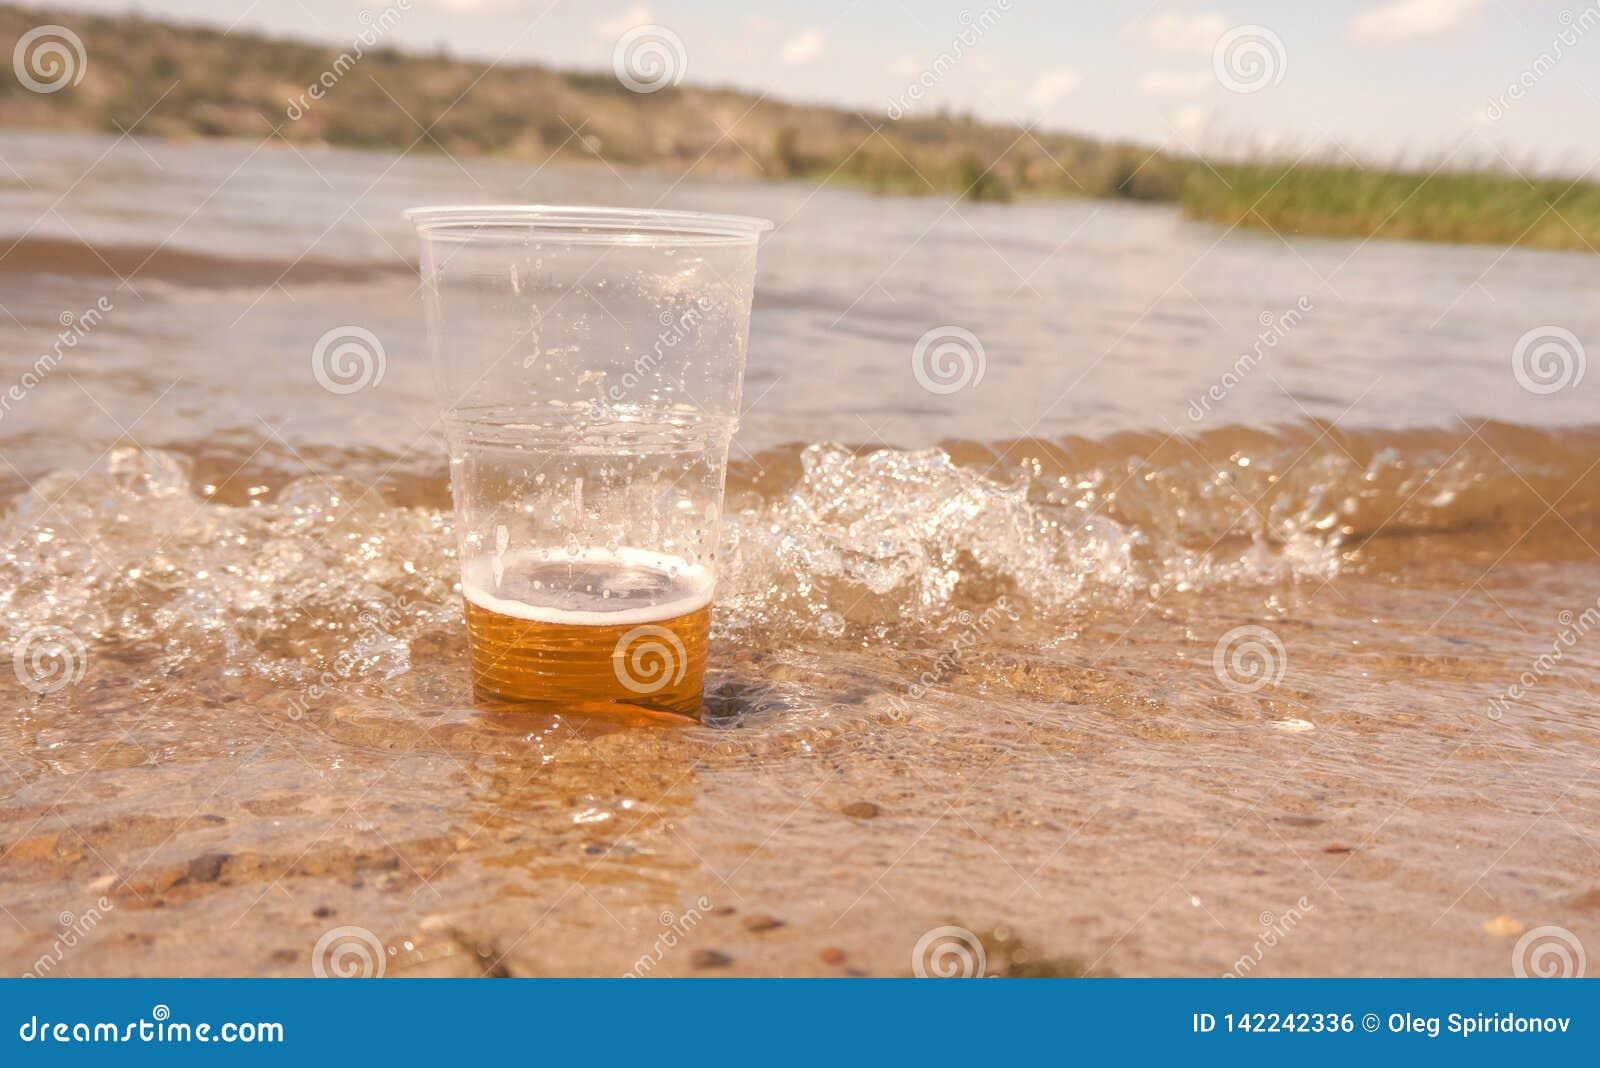 一杯啤酒在水中